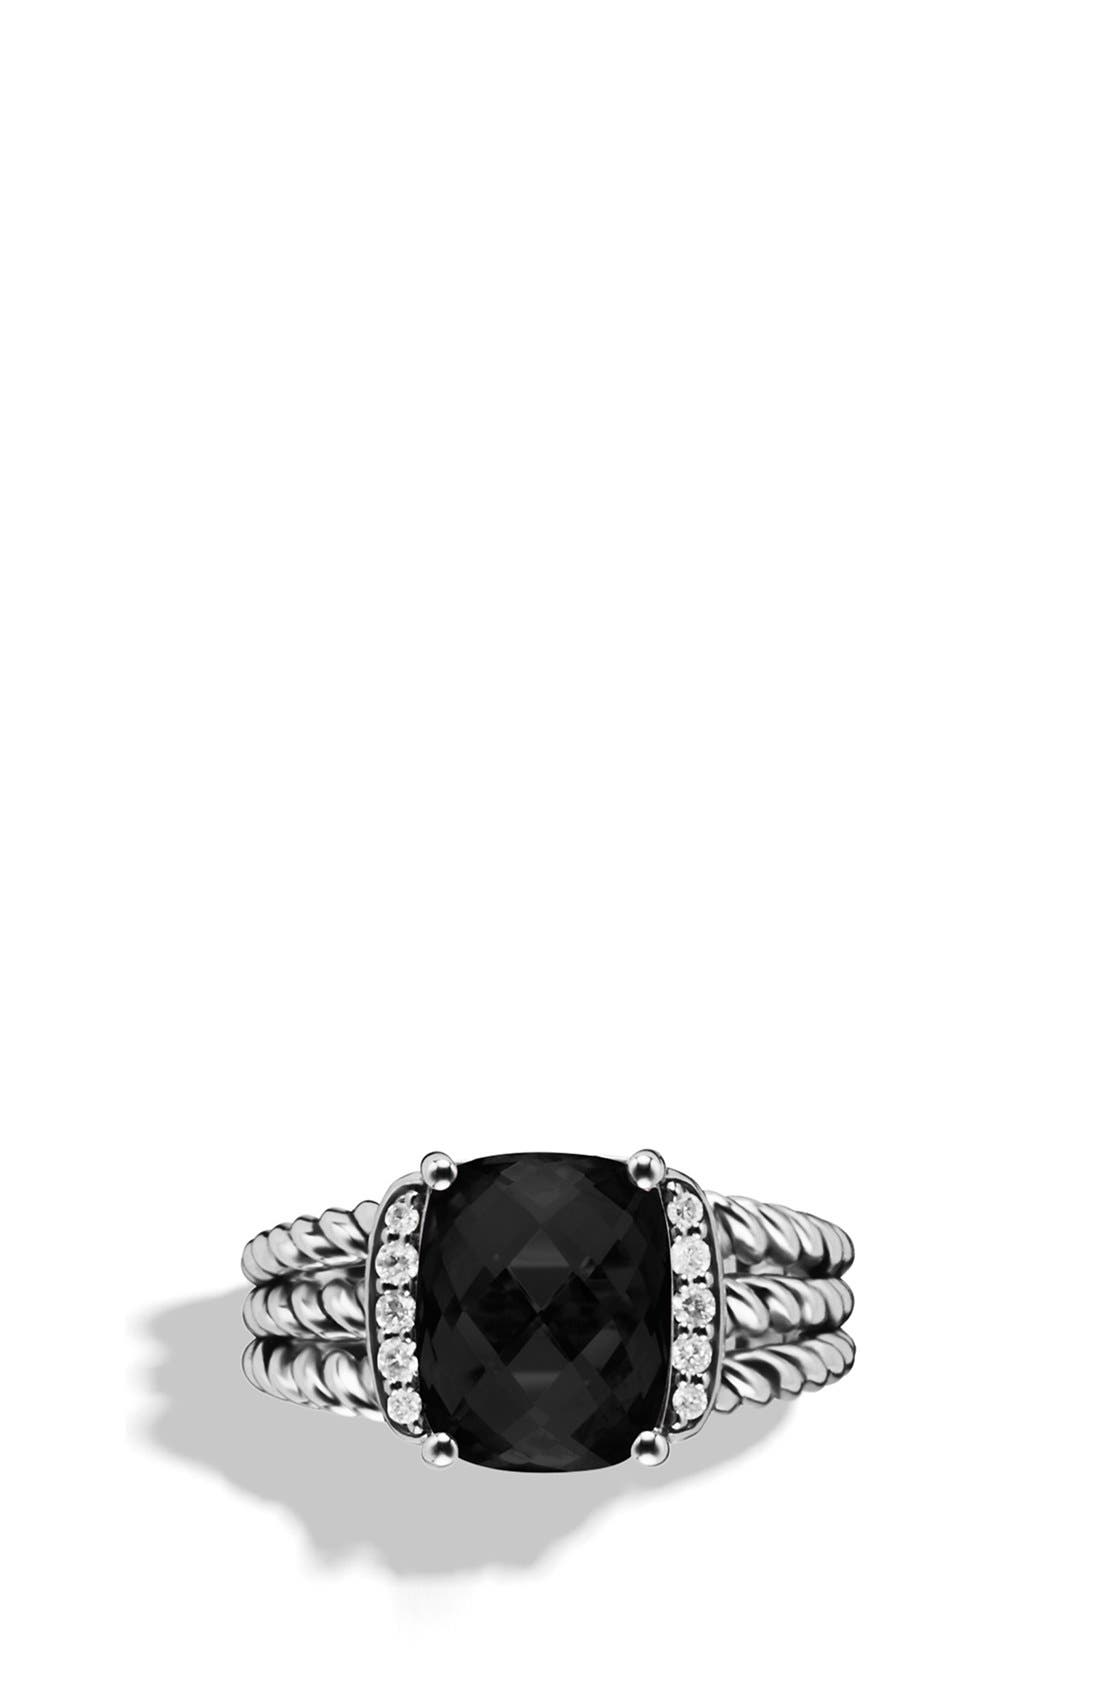 Alternate Image 3  - David Yurman 'Wheaton' Petite Ring with Semiprecious Stone & Diamonds